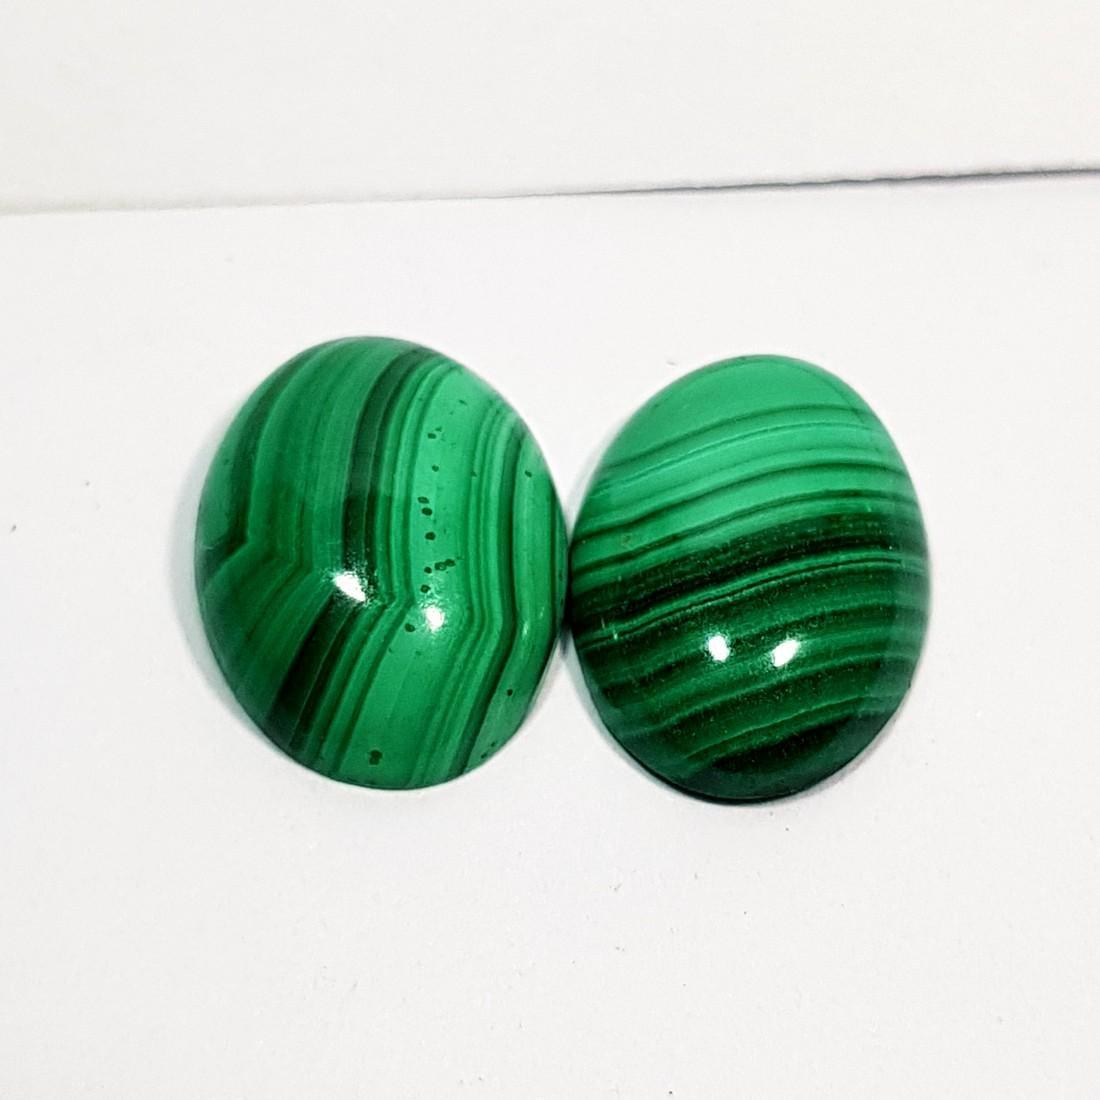 2 Pcs of Wonderful Oval Cut Natural Malachite - 11.00